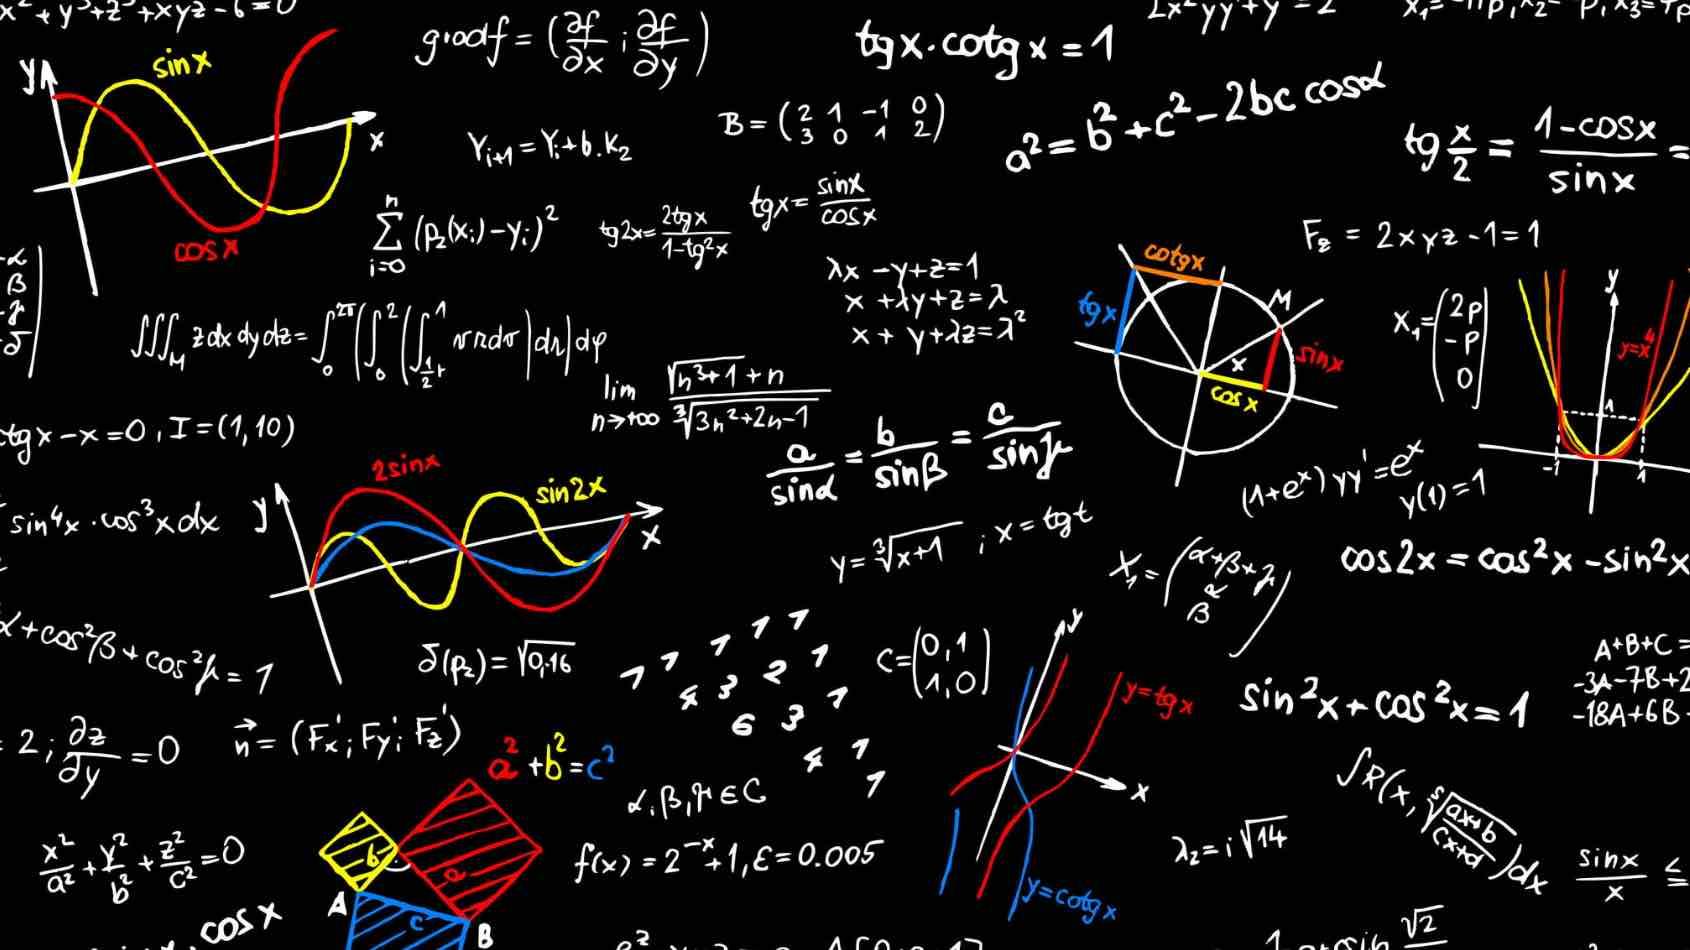 Se necesita Matematicas para aprender Numerologia